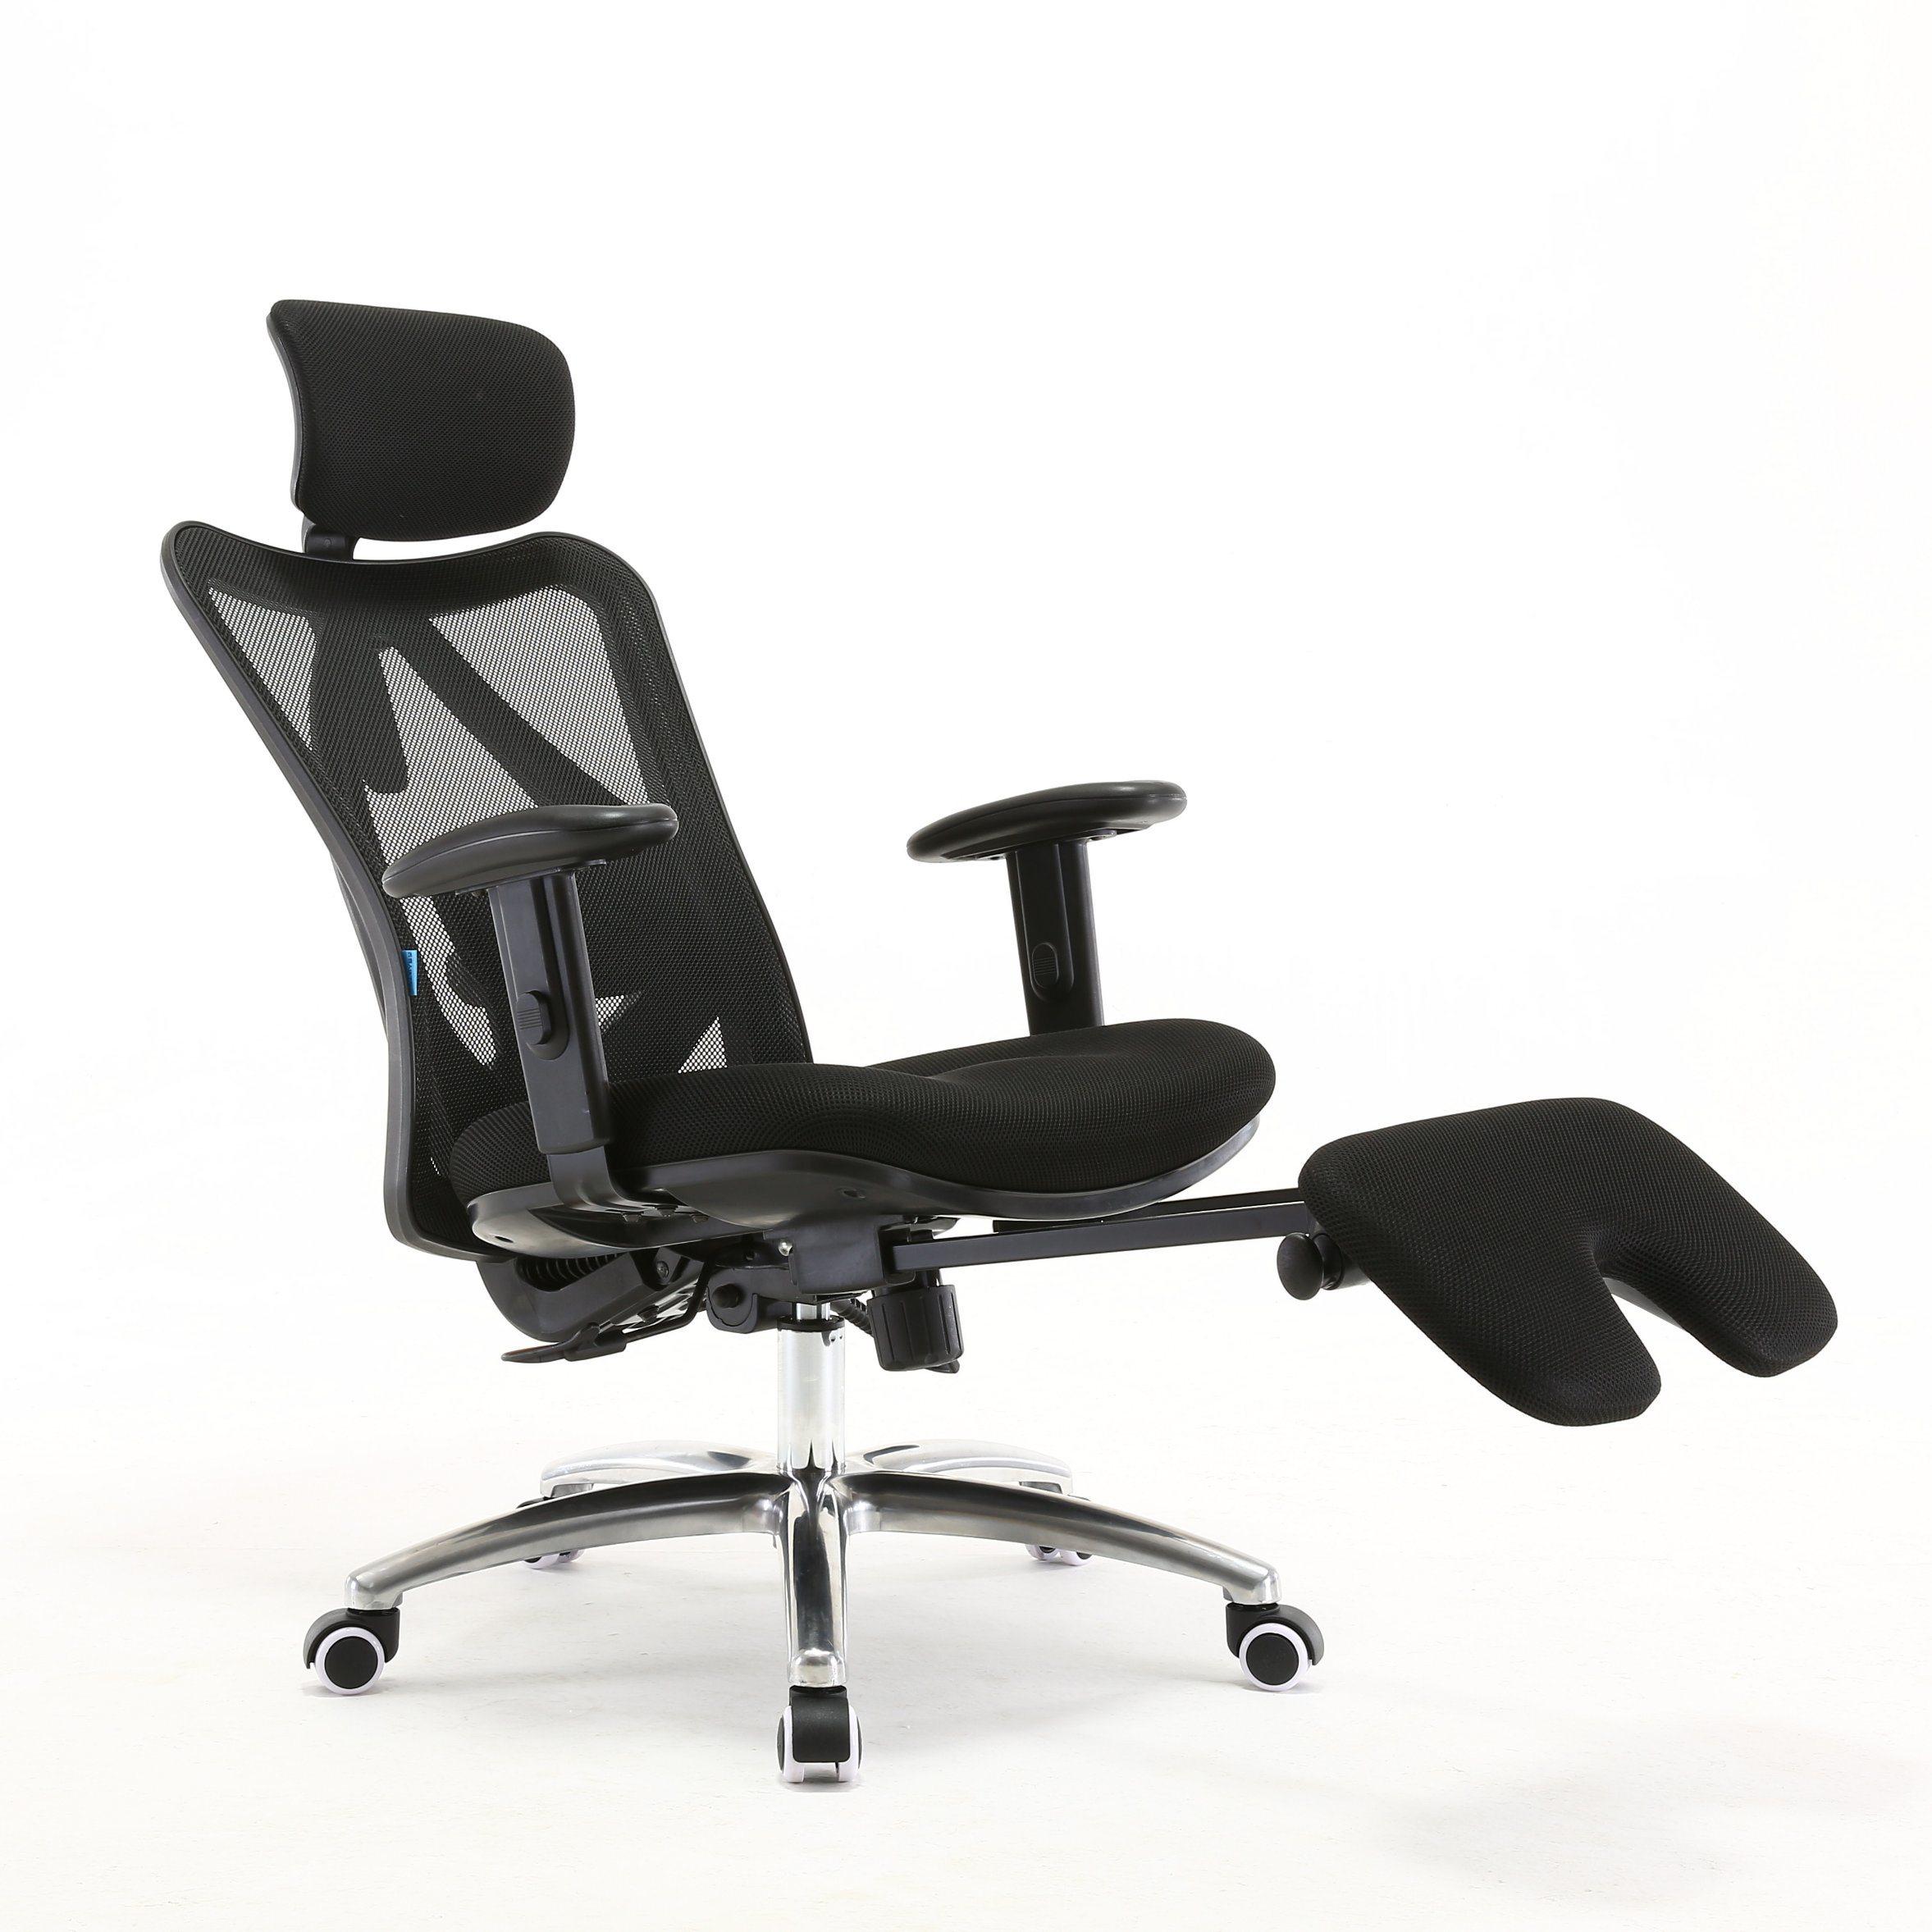 China Adjustable Computer Desk Office Furniture High Back